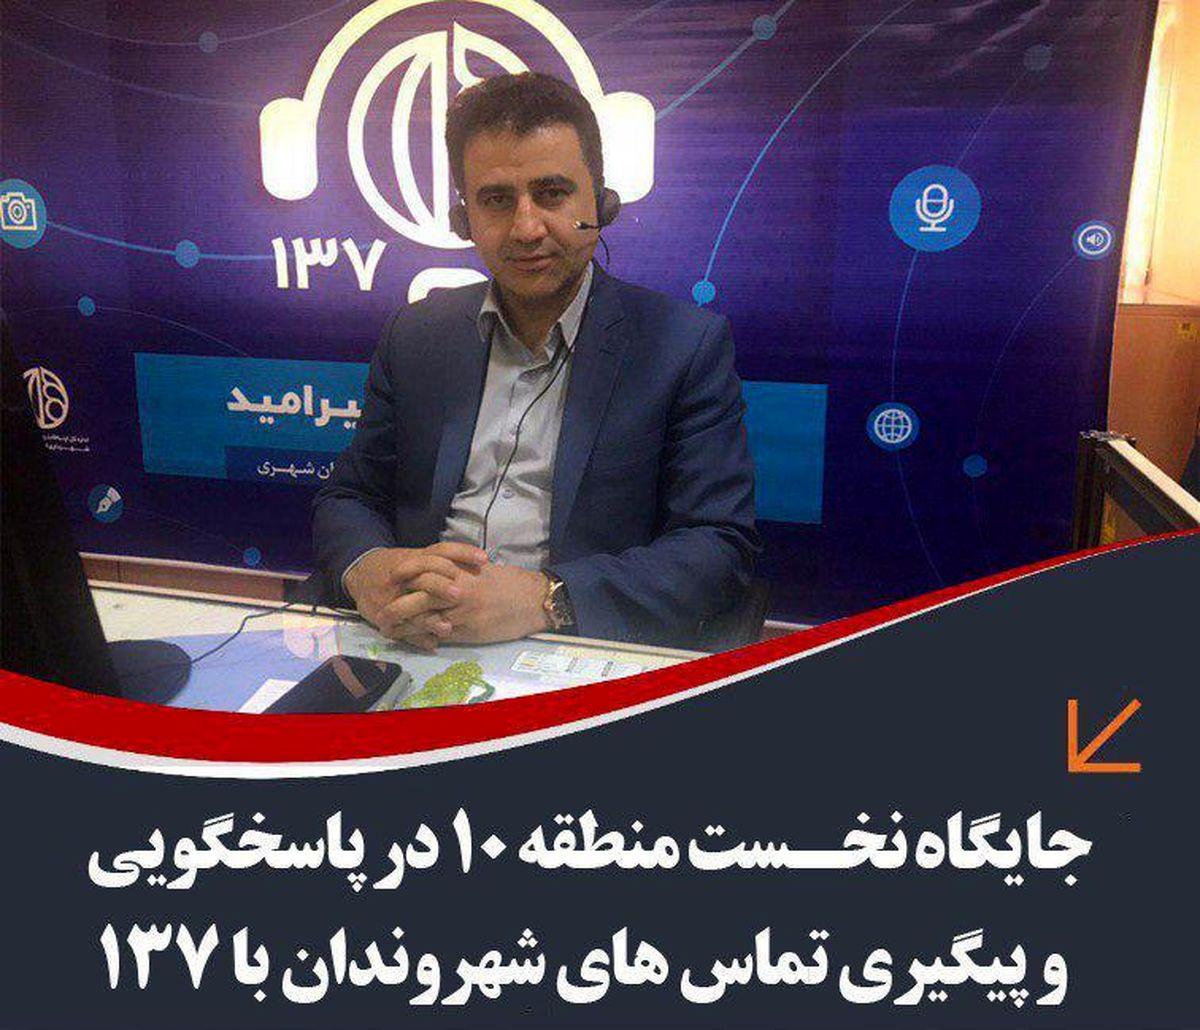 جایگاه نخست منطقه ١٠ شهرداری اصفهان در پیگیری تماس های شهروندان با 137